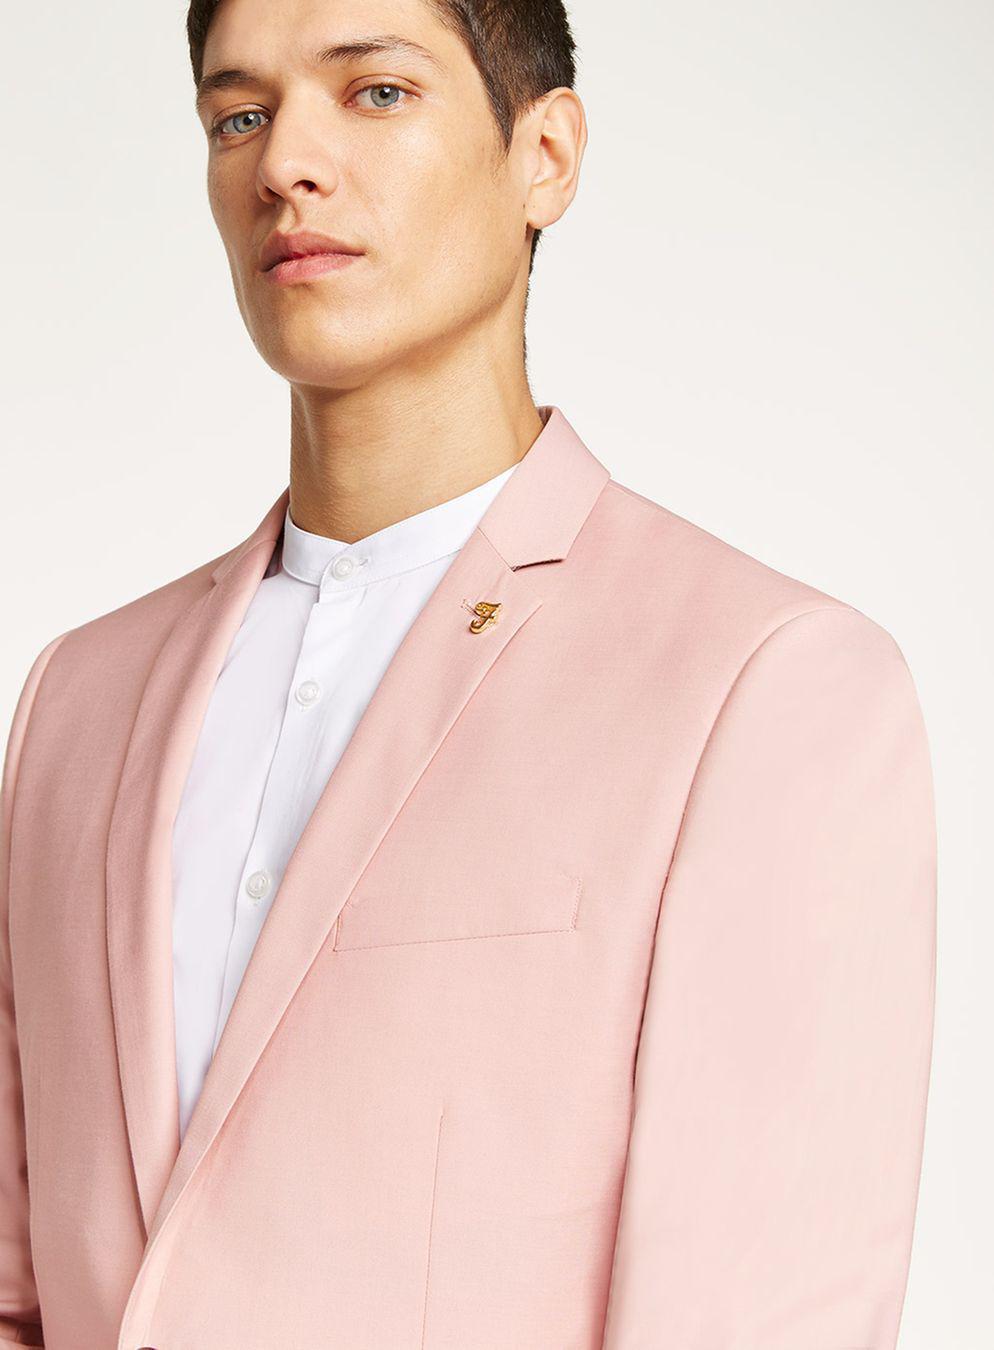 Topman Farah Pink \'henderson\' Blazer in Pink for Men - Lyst